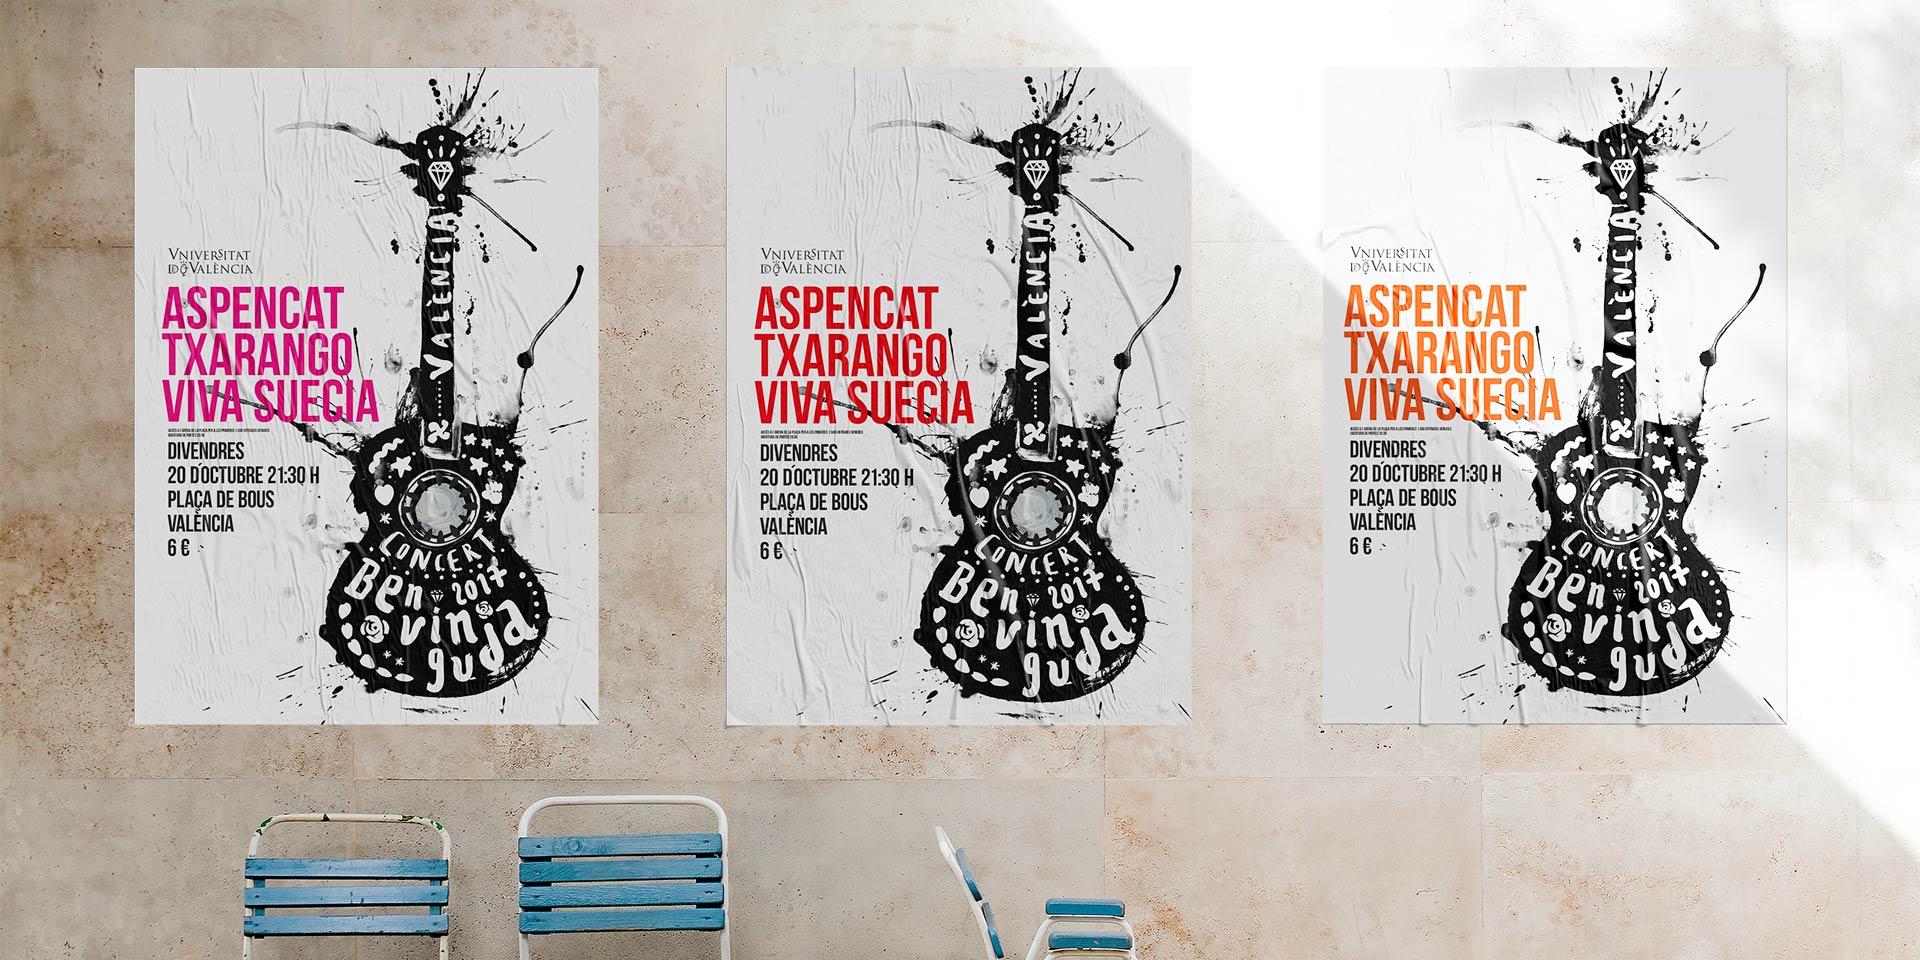 Imagen para el Concert de Benvinguda de la Universitat de València